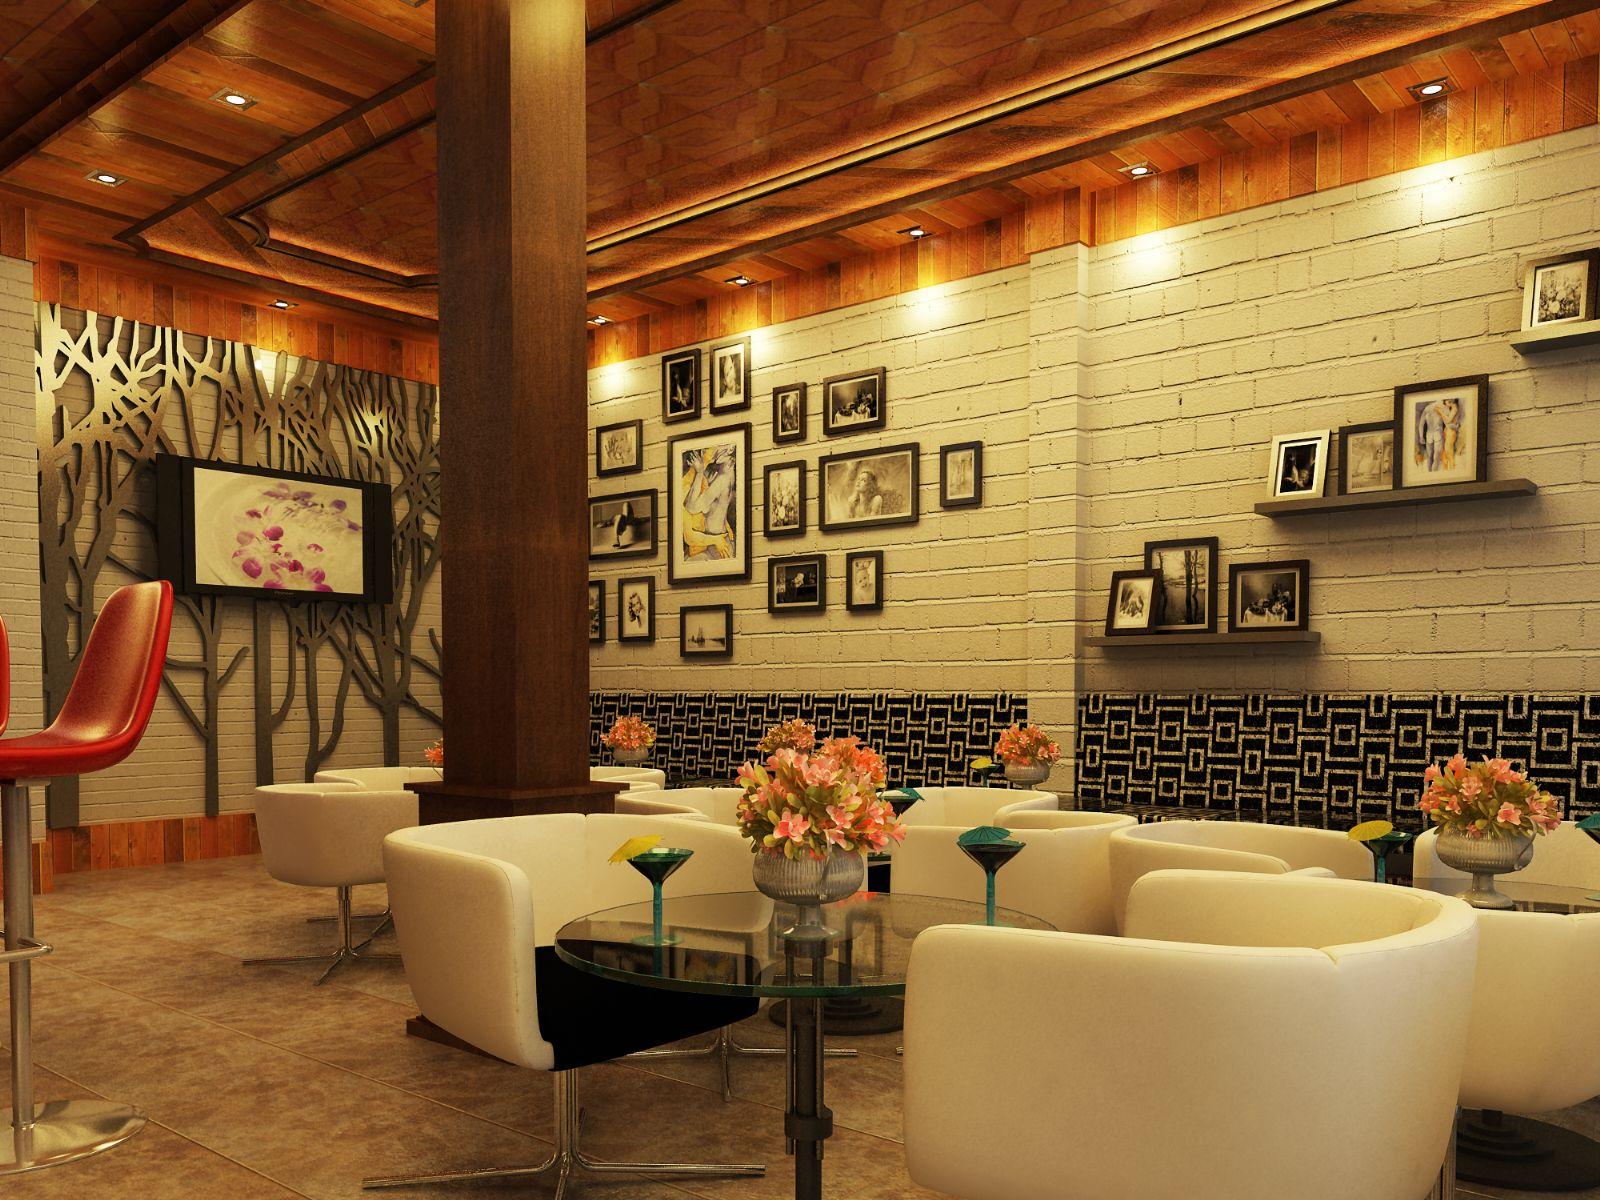 Sofa cafe màu trắng góp phần tạo nên sự trang nhã , tinh tế cho cửa hàng của bạn